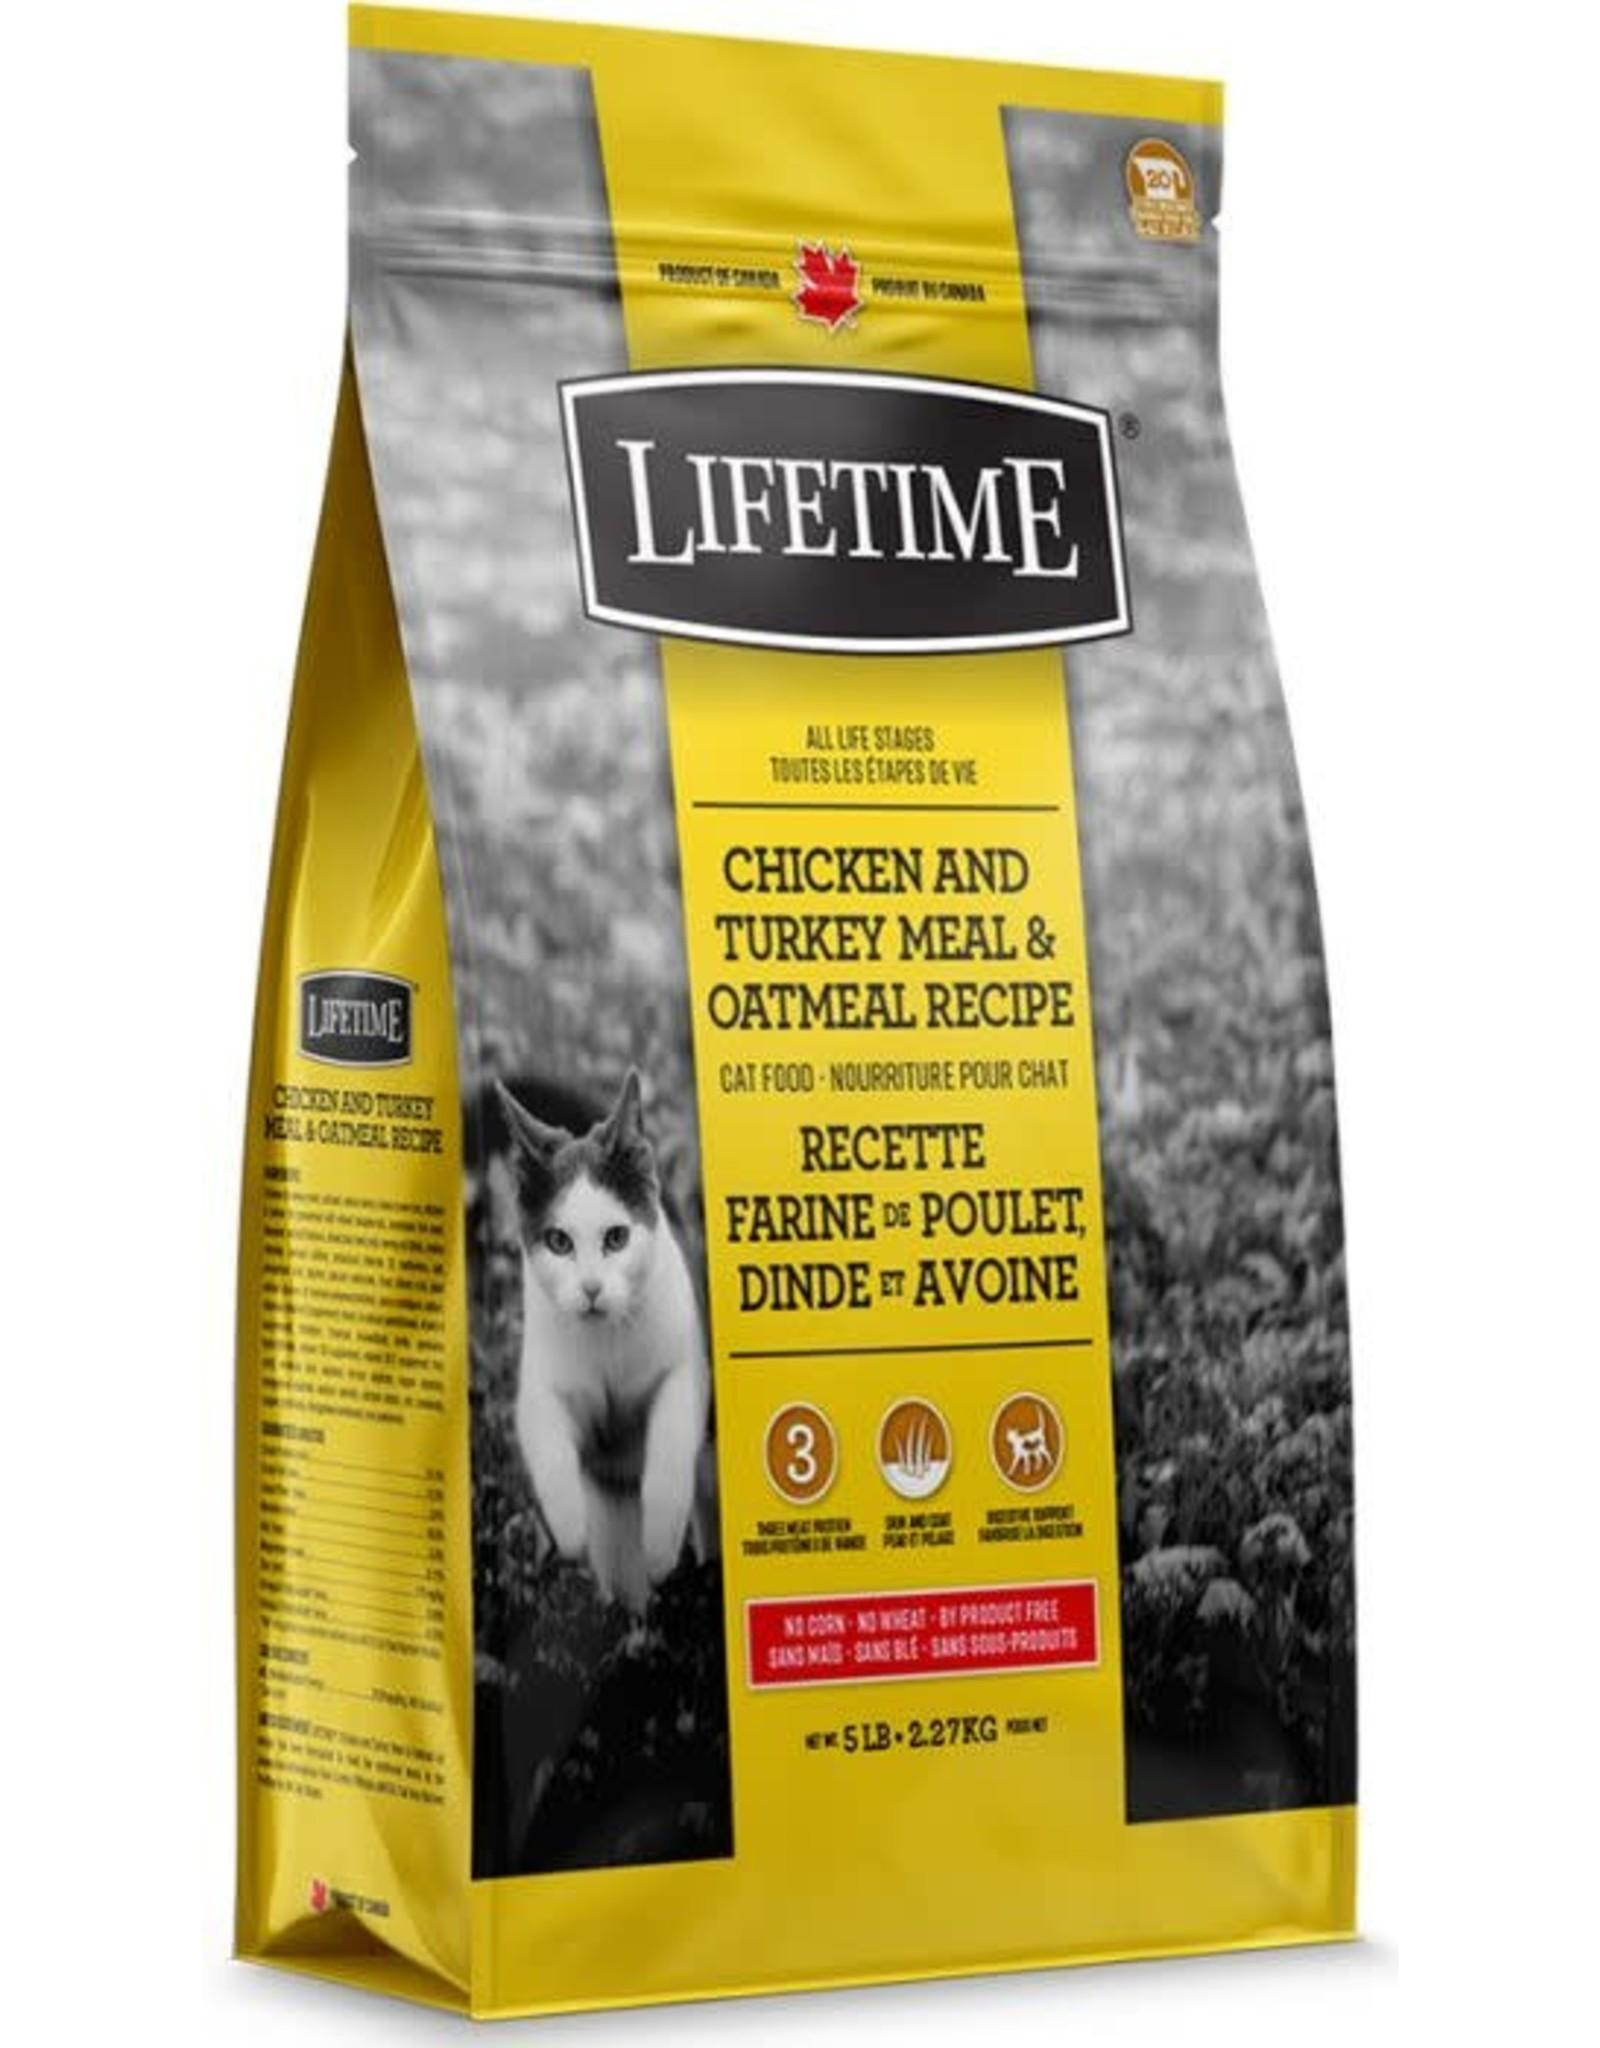 LFTM LFTM Chicken, Turkey & Oatmeal for Cats 2.27kg